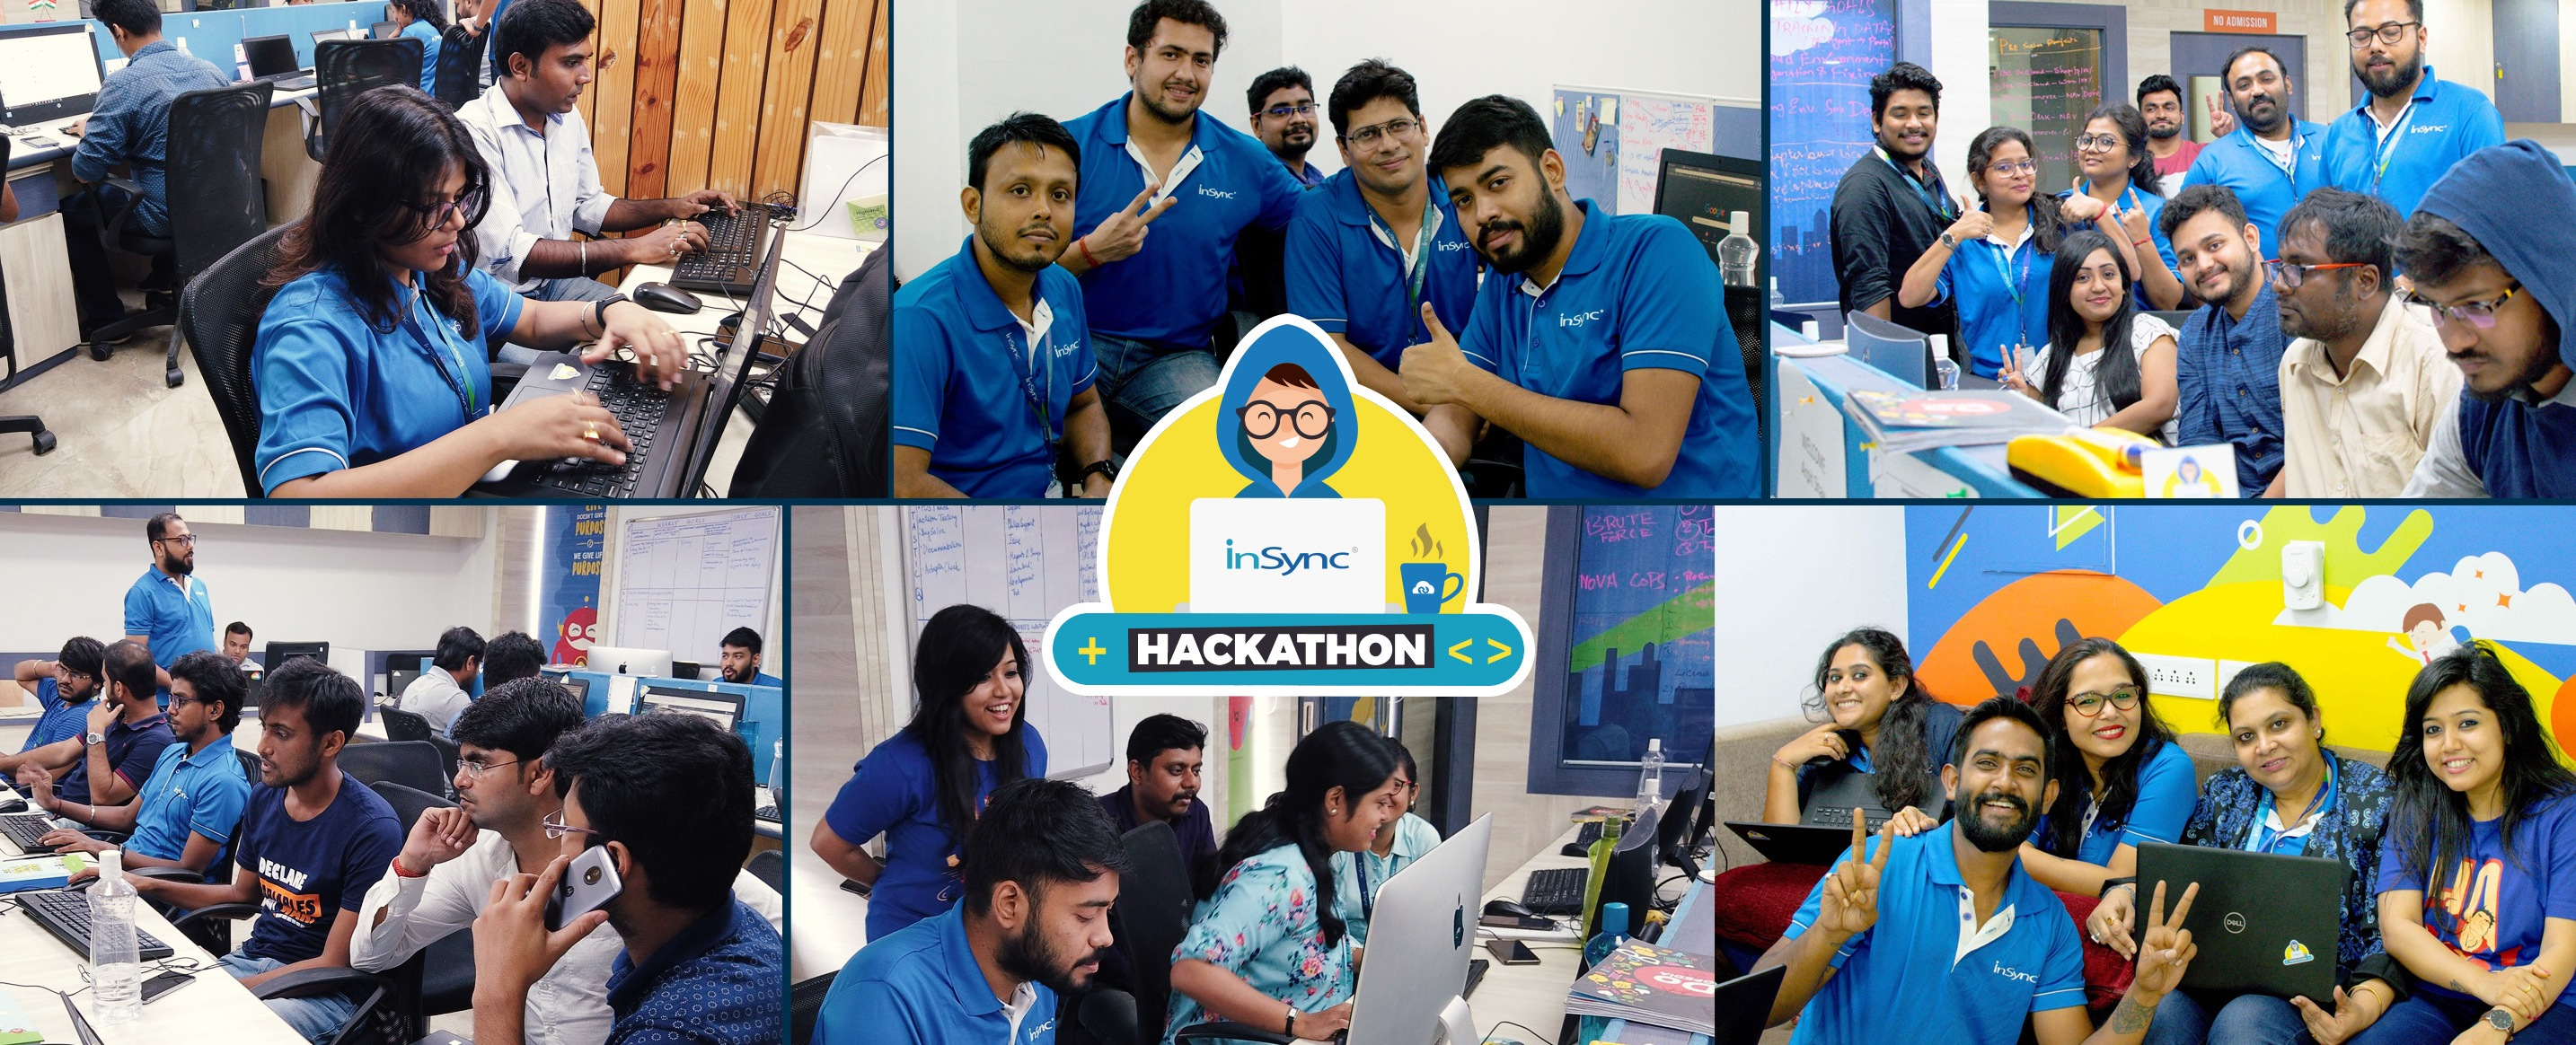 recap-InSync-Hackathon-2019